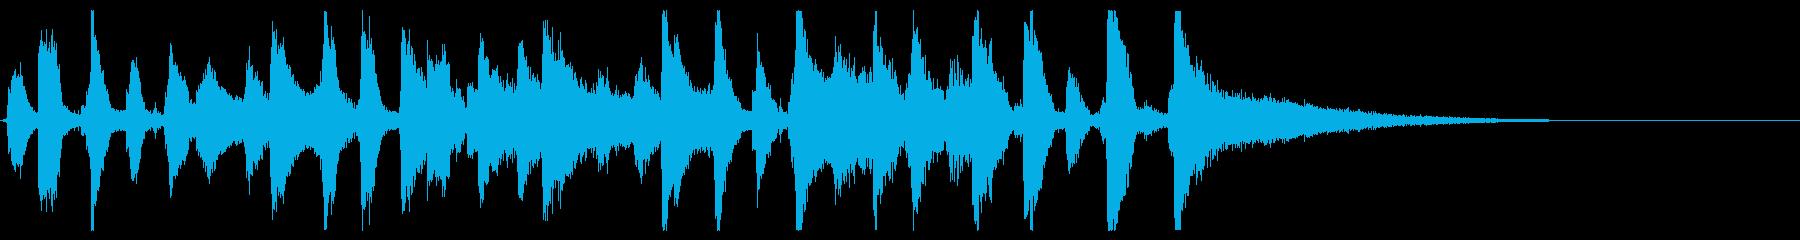 生演奏ジングル15秒・陽気なピアノジャズの再生済みの波形